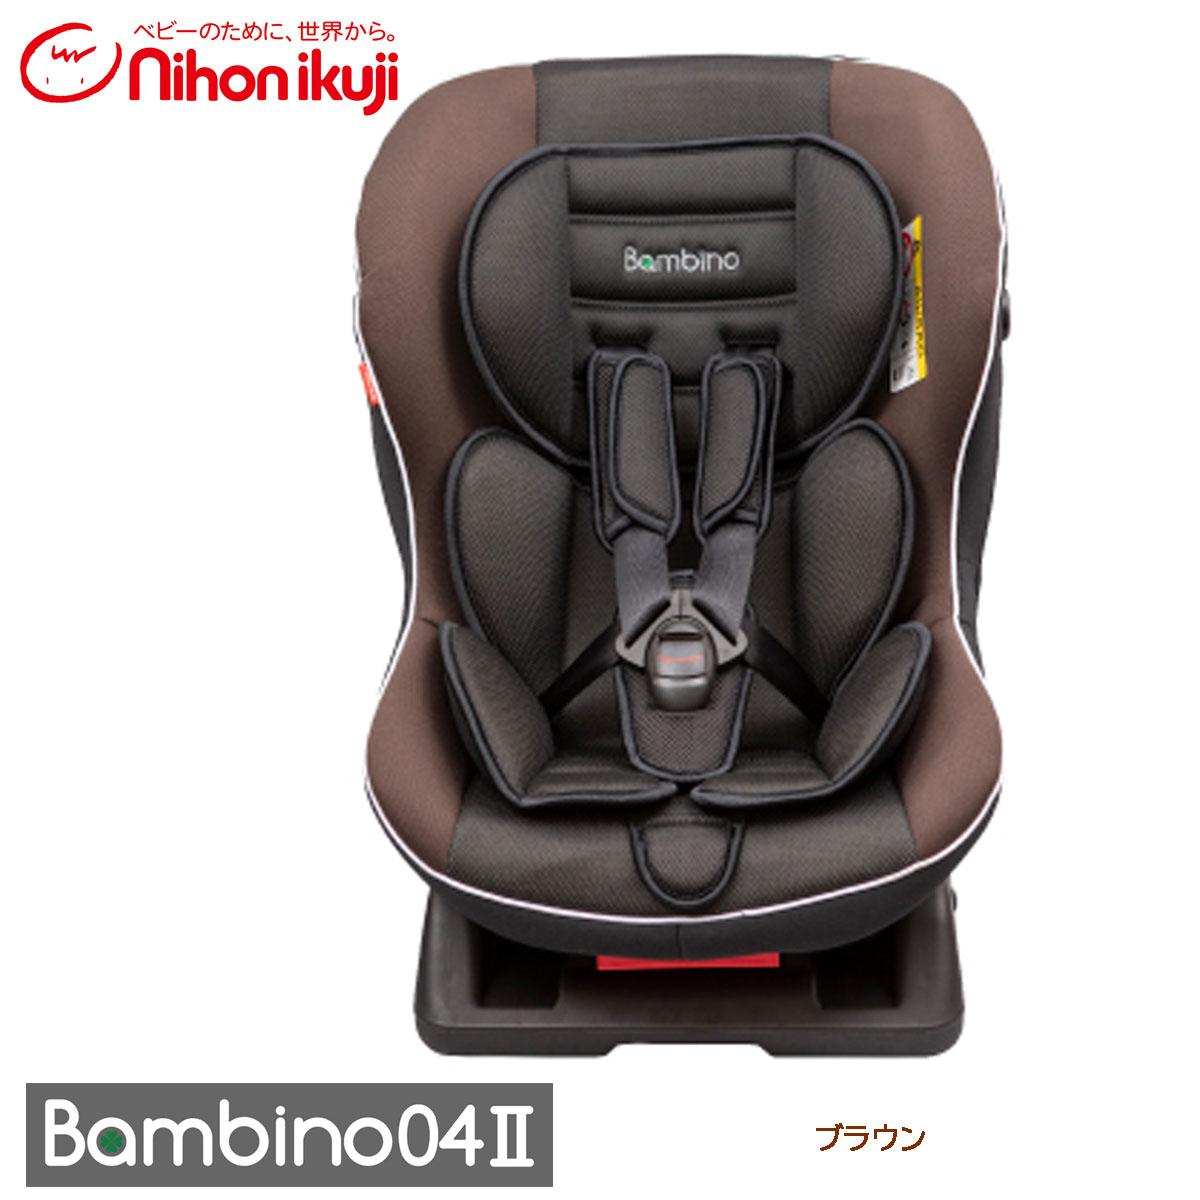 【送料無料】【新生児~4歳頃】 日本育児 バンビーノ04-2 チャイルドシート ブラウン(6420101001) ベビー用品 キッズ 5点式ハーネス シートベルト式 Bambino